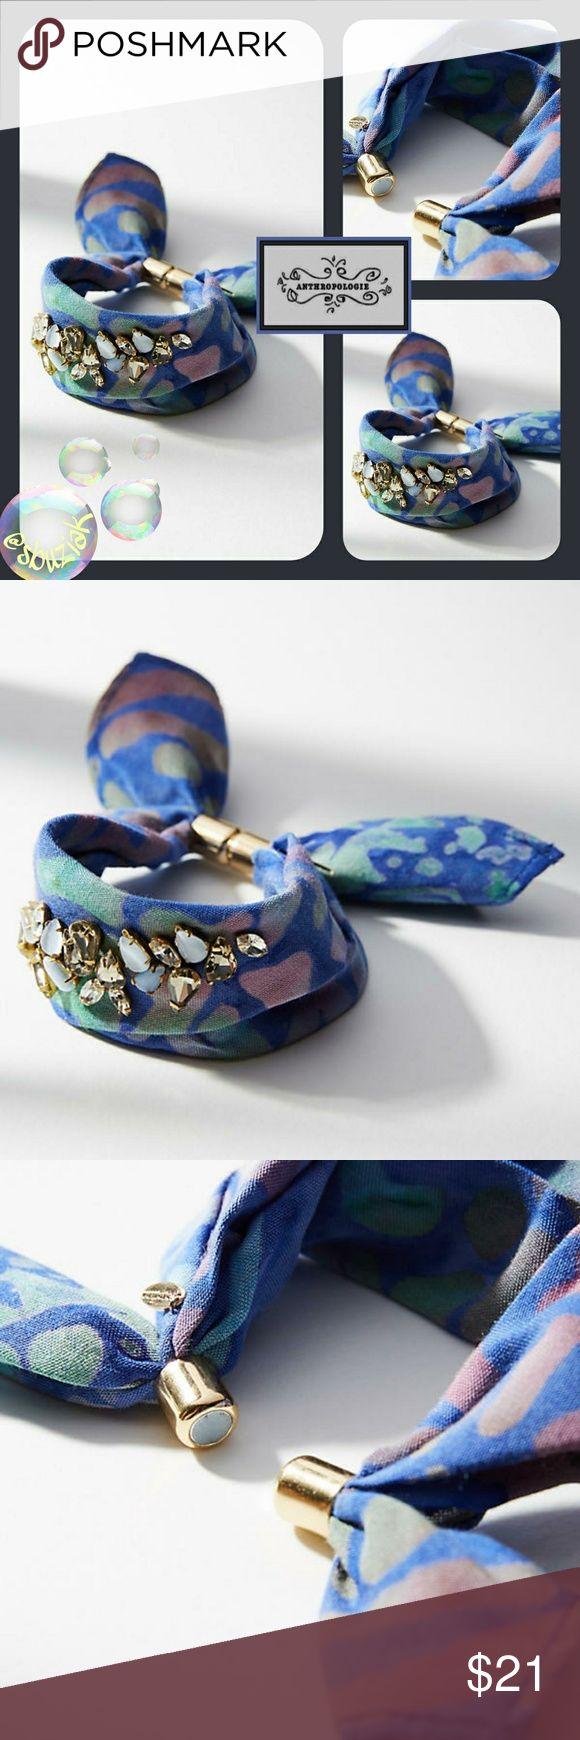 Spotted while shopping on Poshmark: Anthropologie Embellished Bandana Bracelet! #poshmark #fashion #shopping #style #Anthropologie #Jewelry